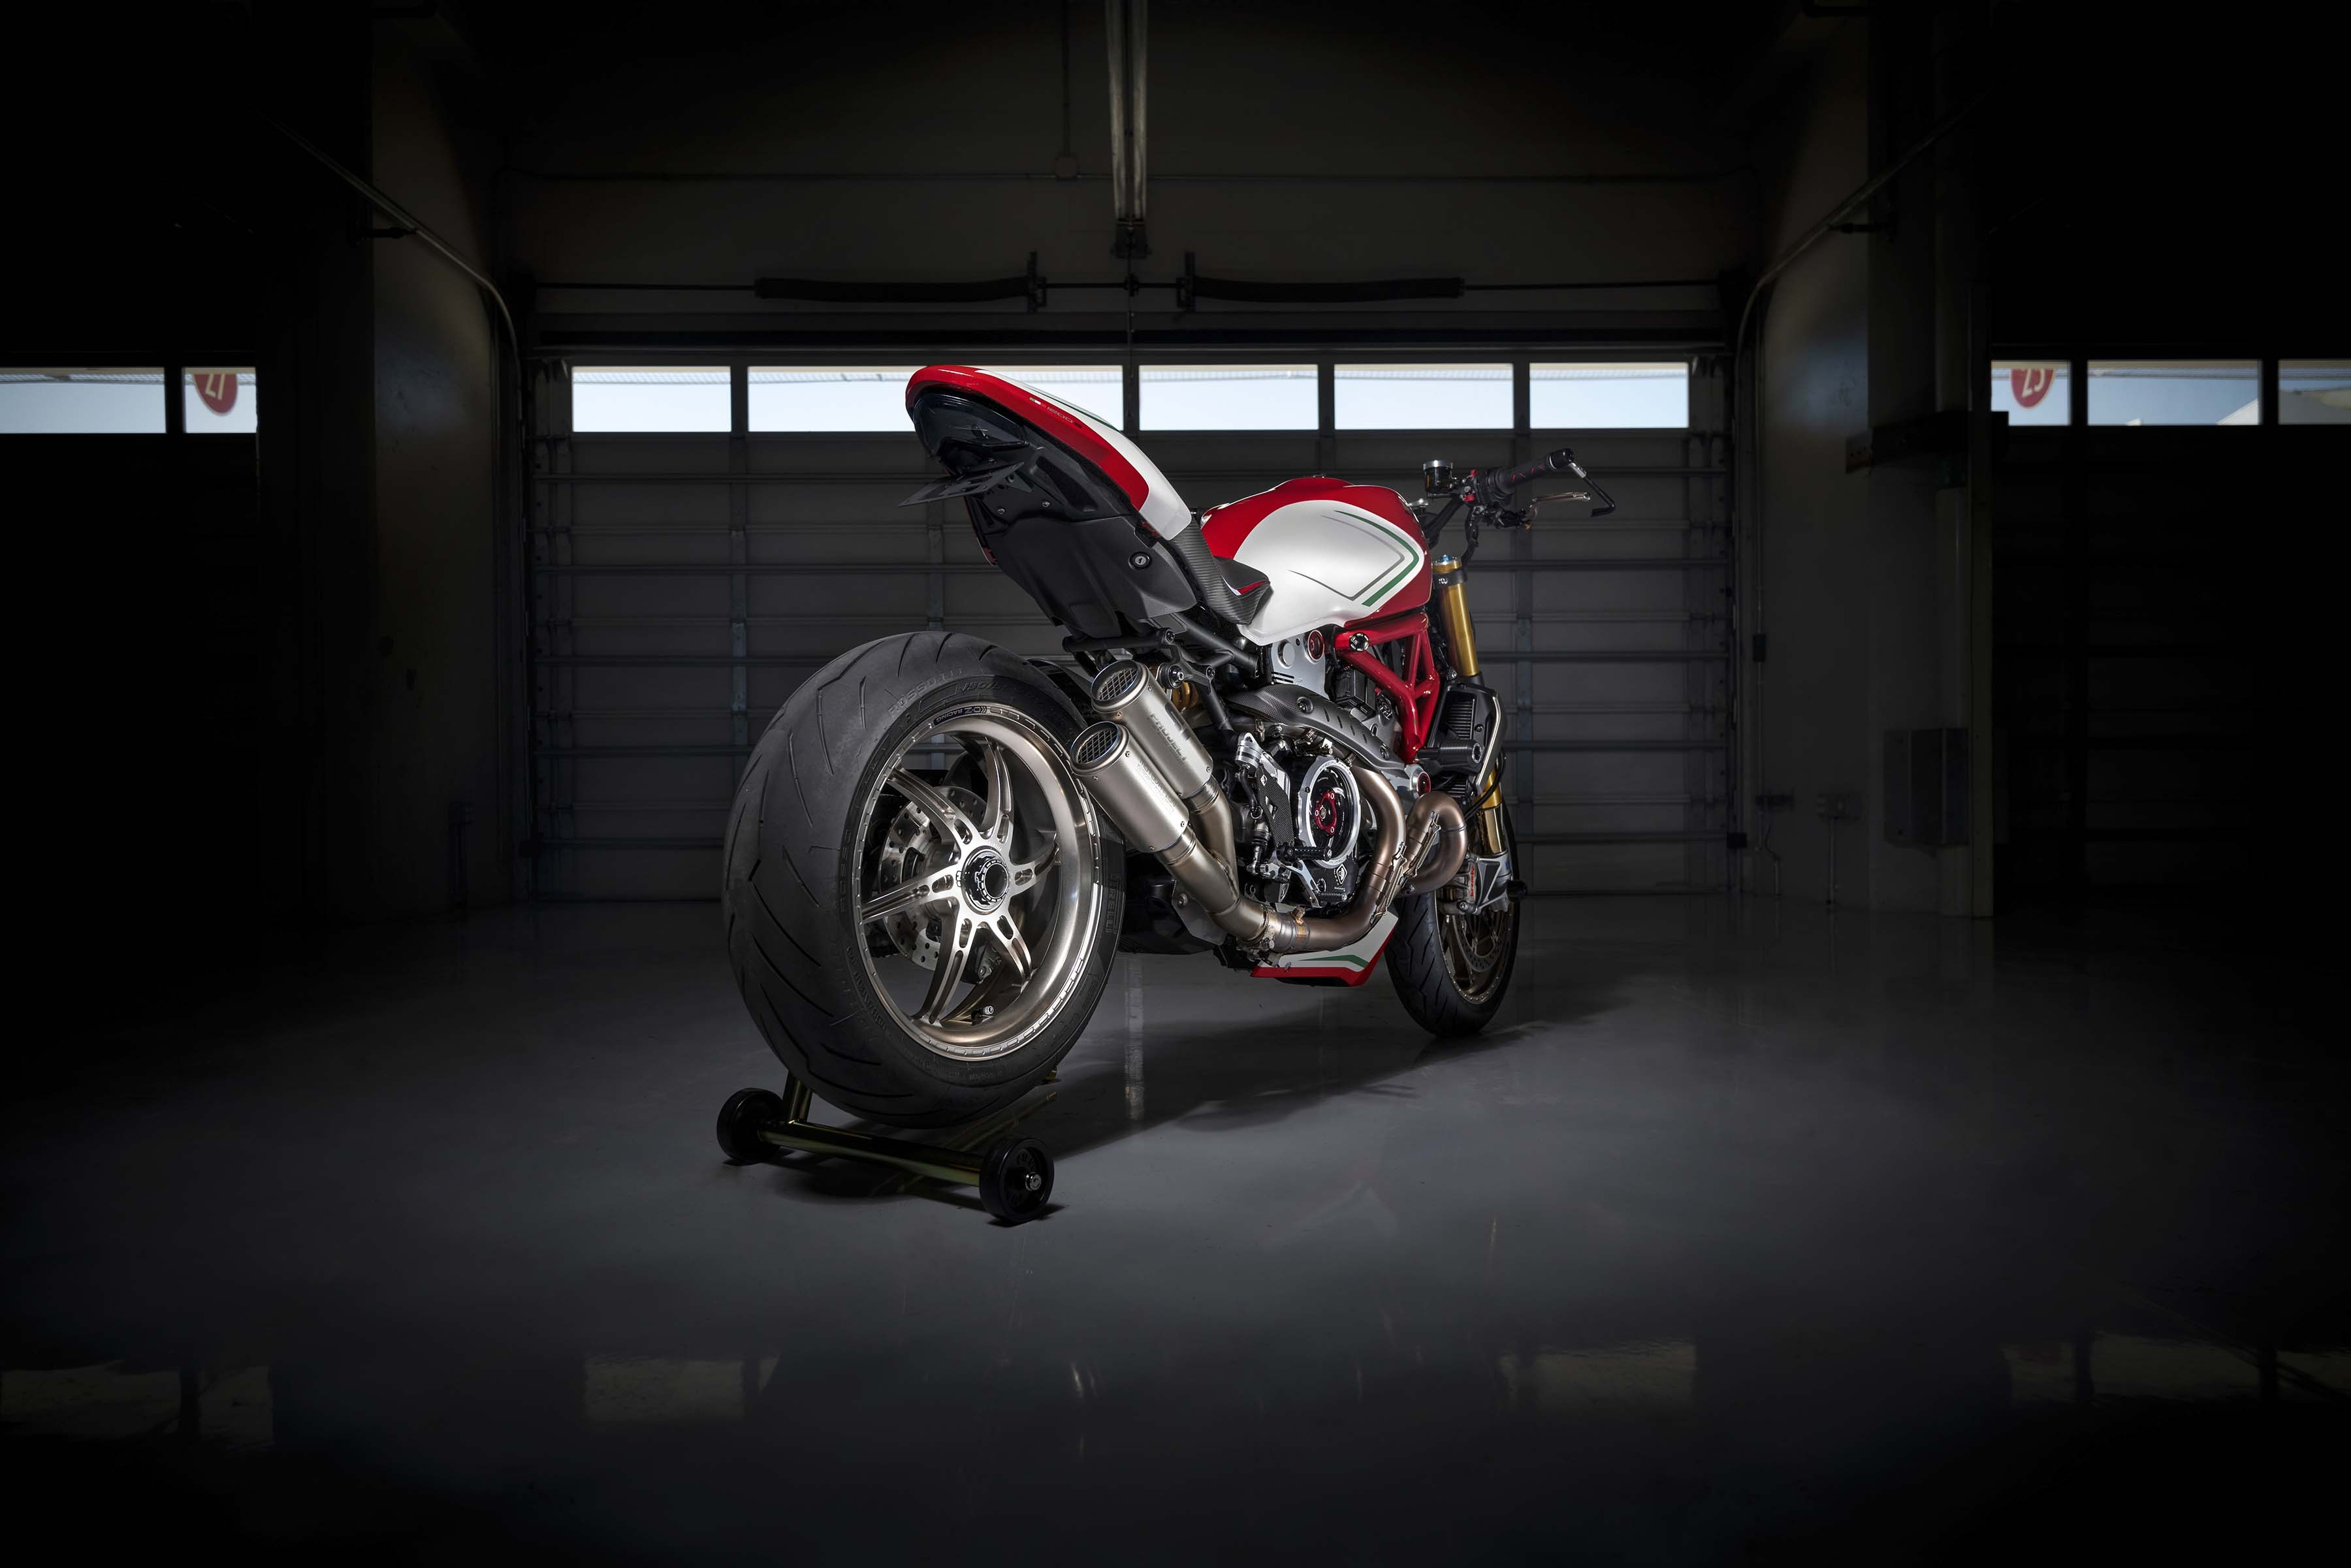 Ducati-Monster-1200-Tricolore-Motovation-26